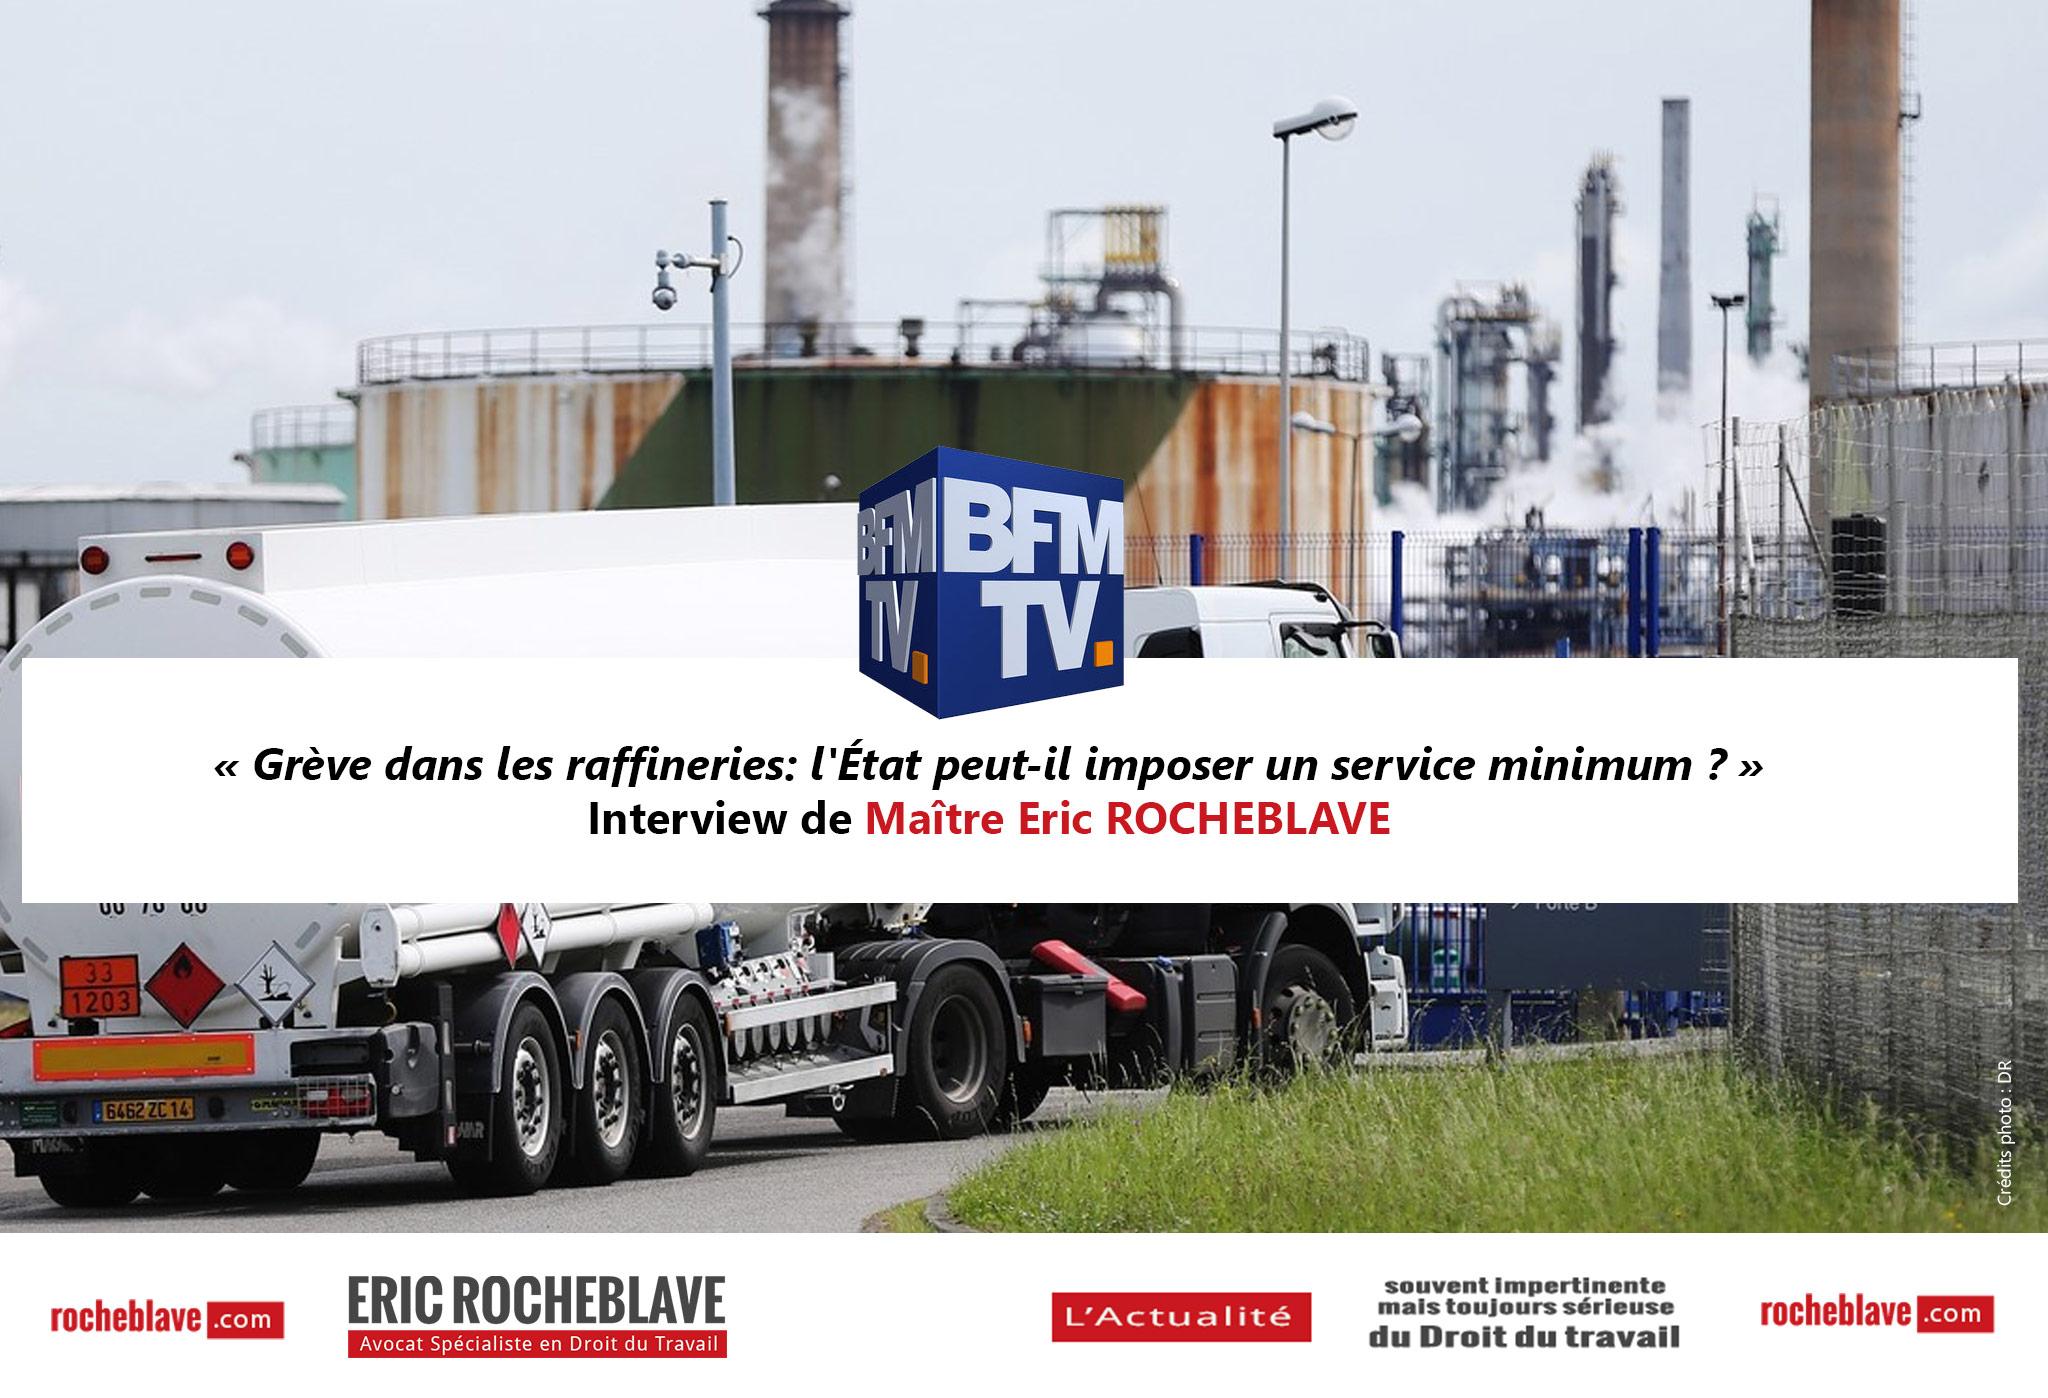 « Grève dans les raffineries: l'État peut-il imposer un service minimum ? » Interview de Maître Eric ROCHEBLAVE | BFM TV